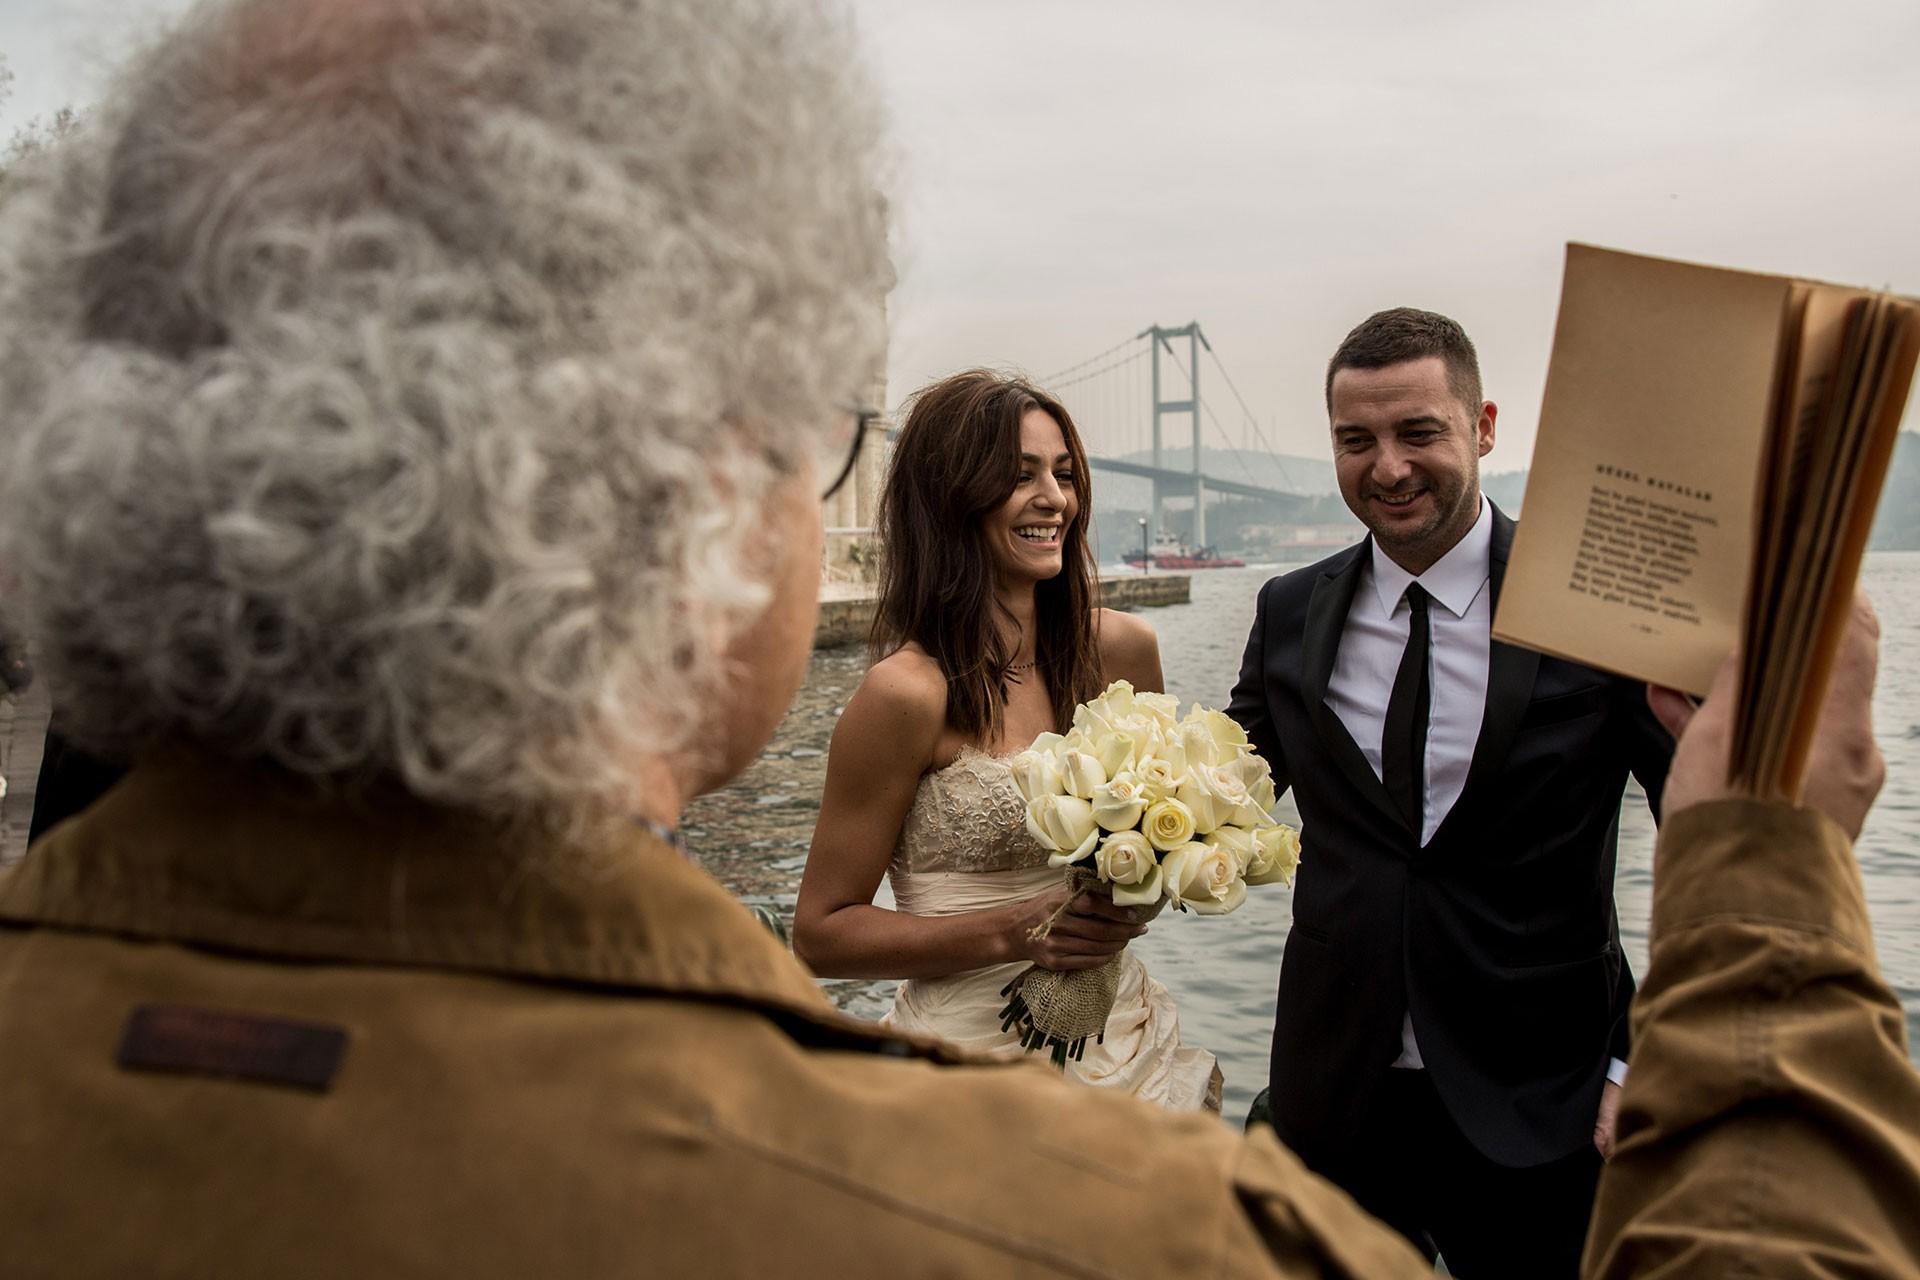 Şair Akgün Akova, evlenecek bir çifte Orhan Veli'den bir şiir okuyor.